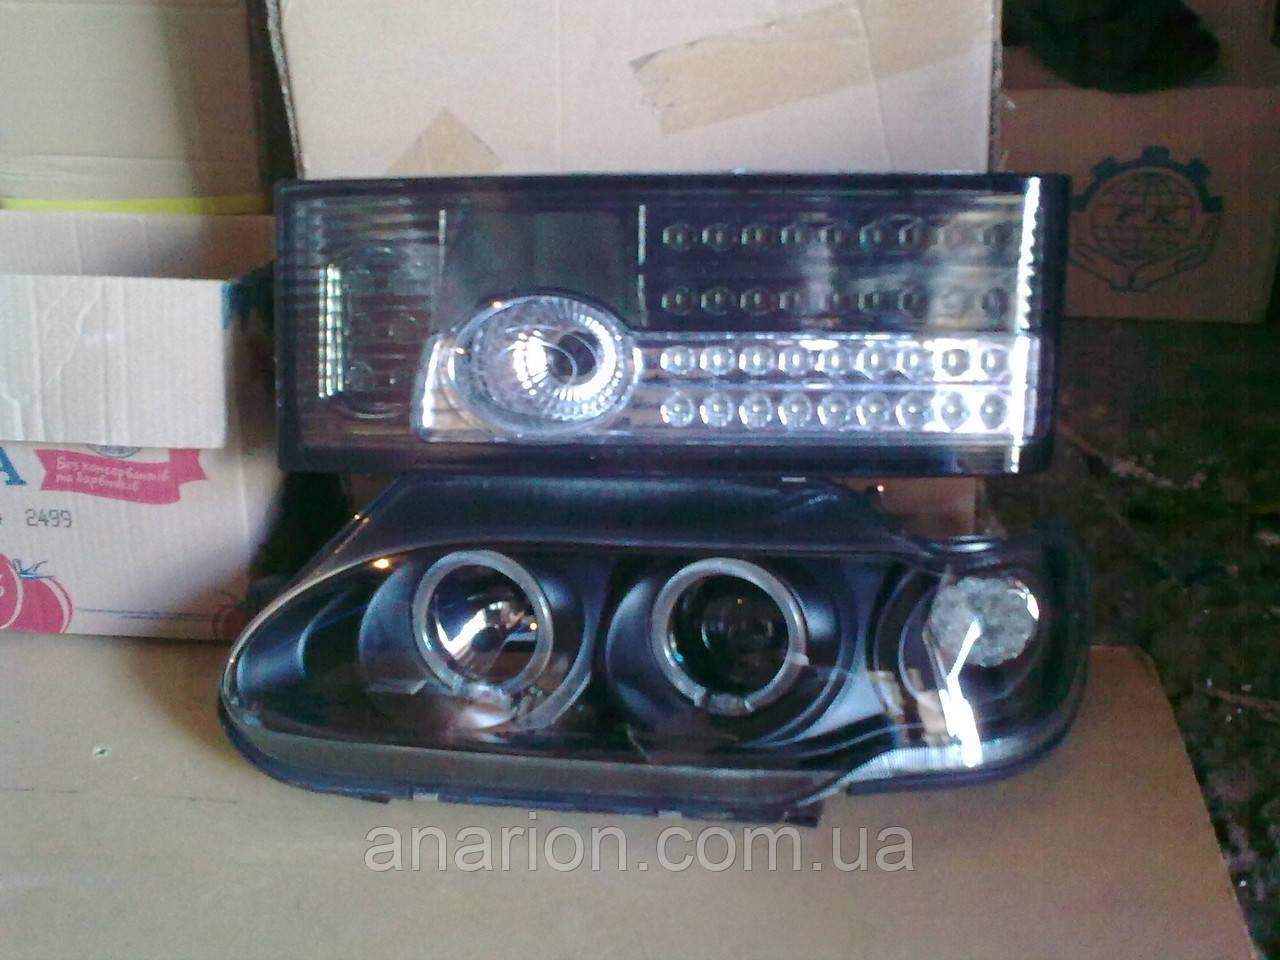 Передние фары + задние фонари Освар-диодный №2 на ВАЗ 2113.